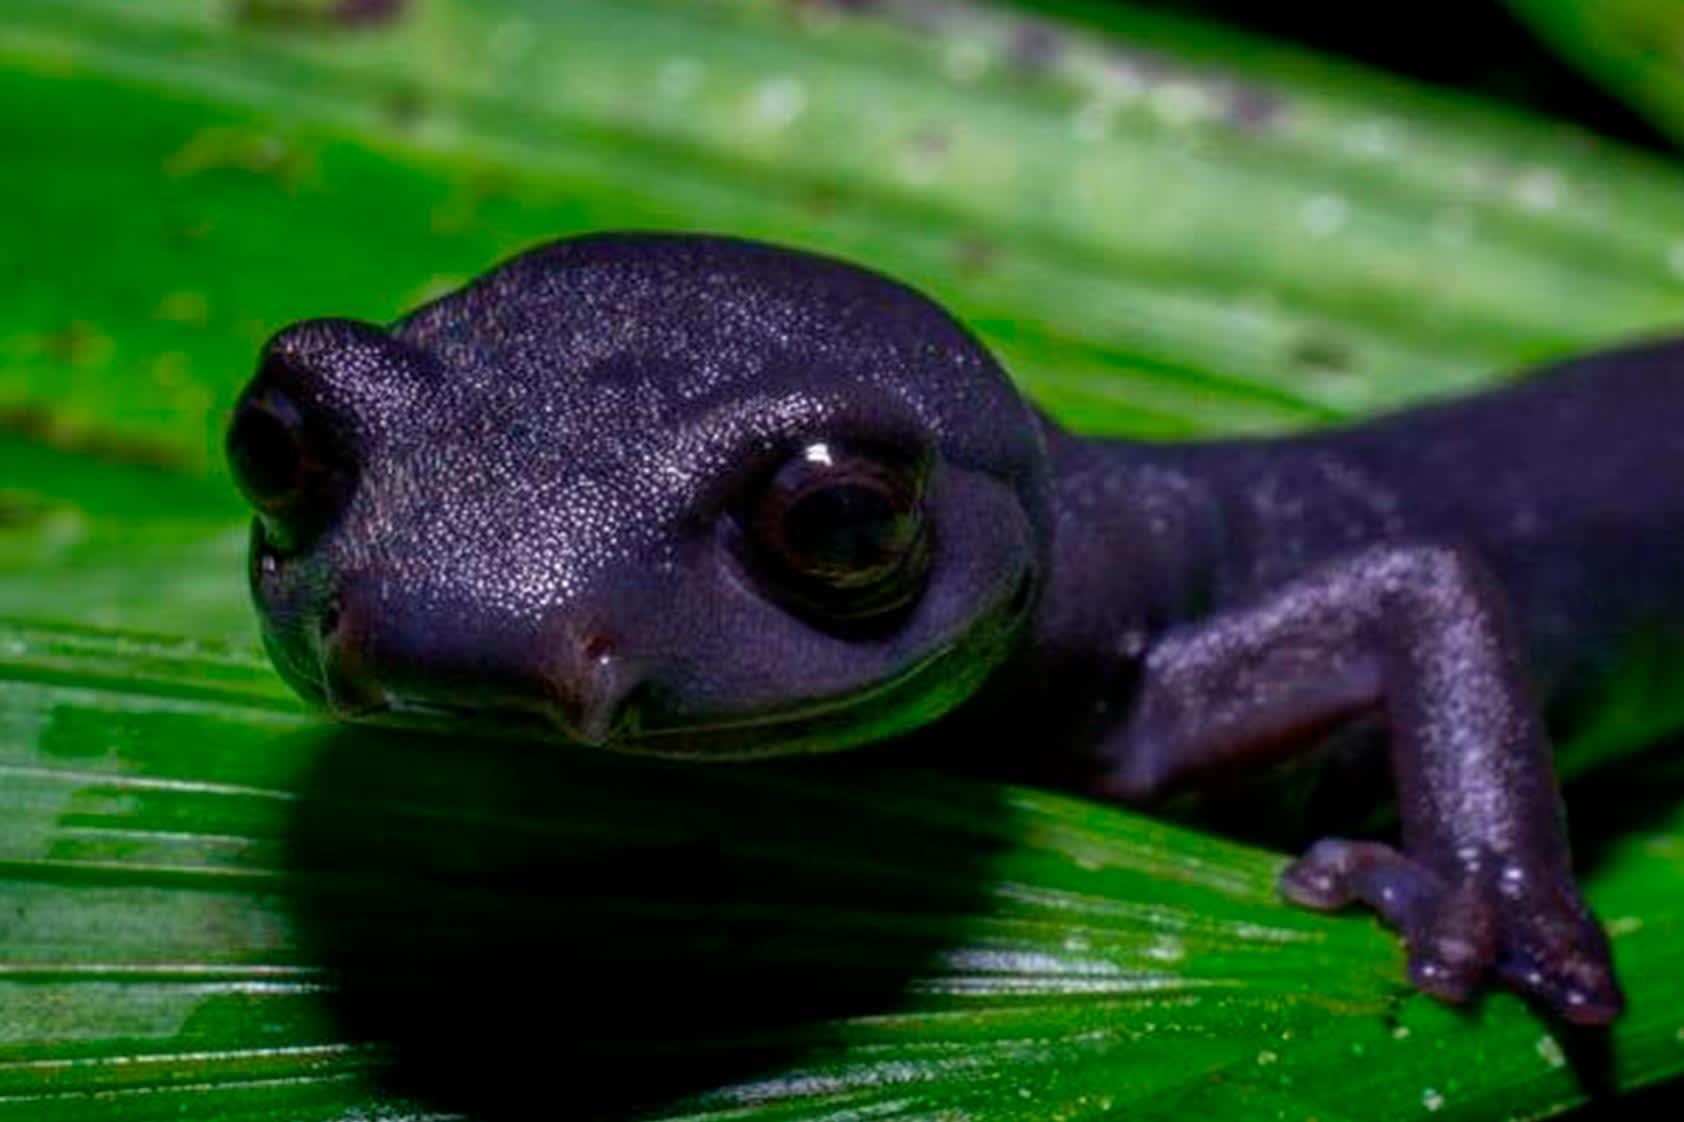 10 datos de cómo descubrimos y reconocimos la salamandra Bolitoglossa Qeqom